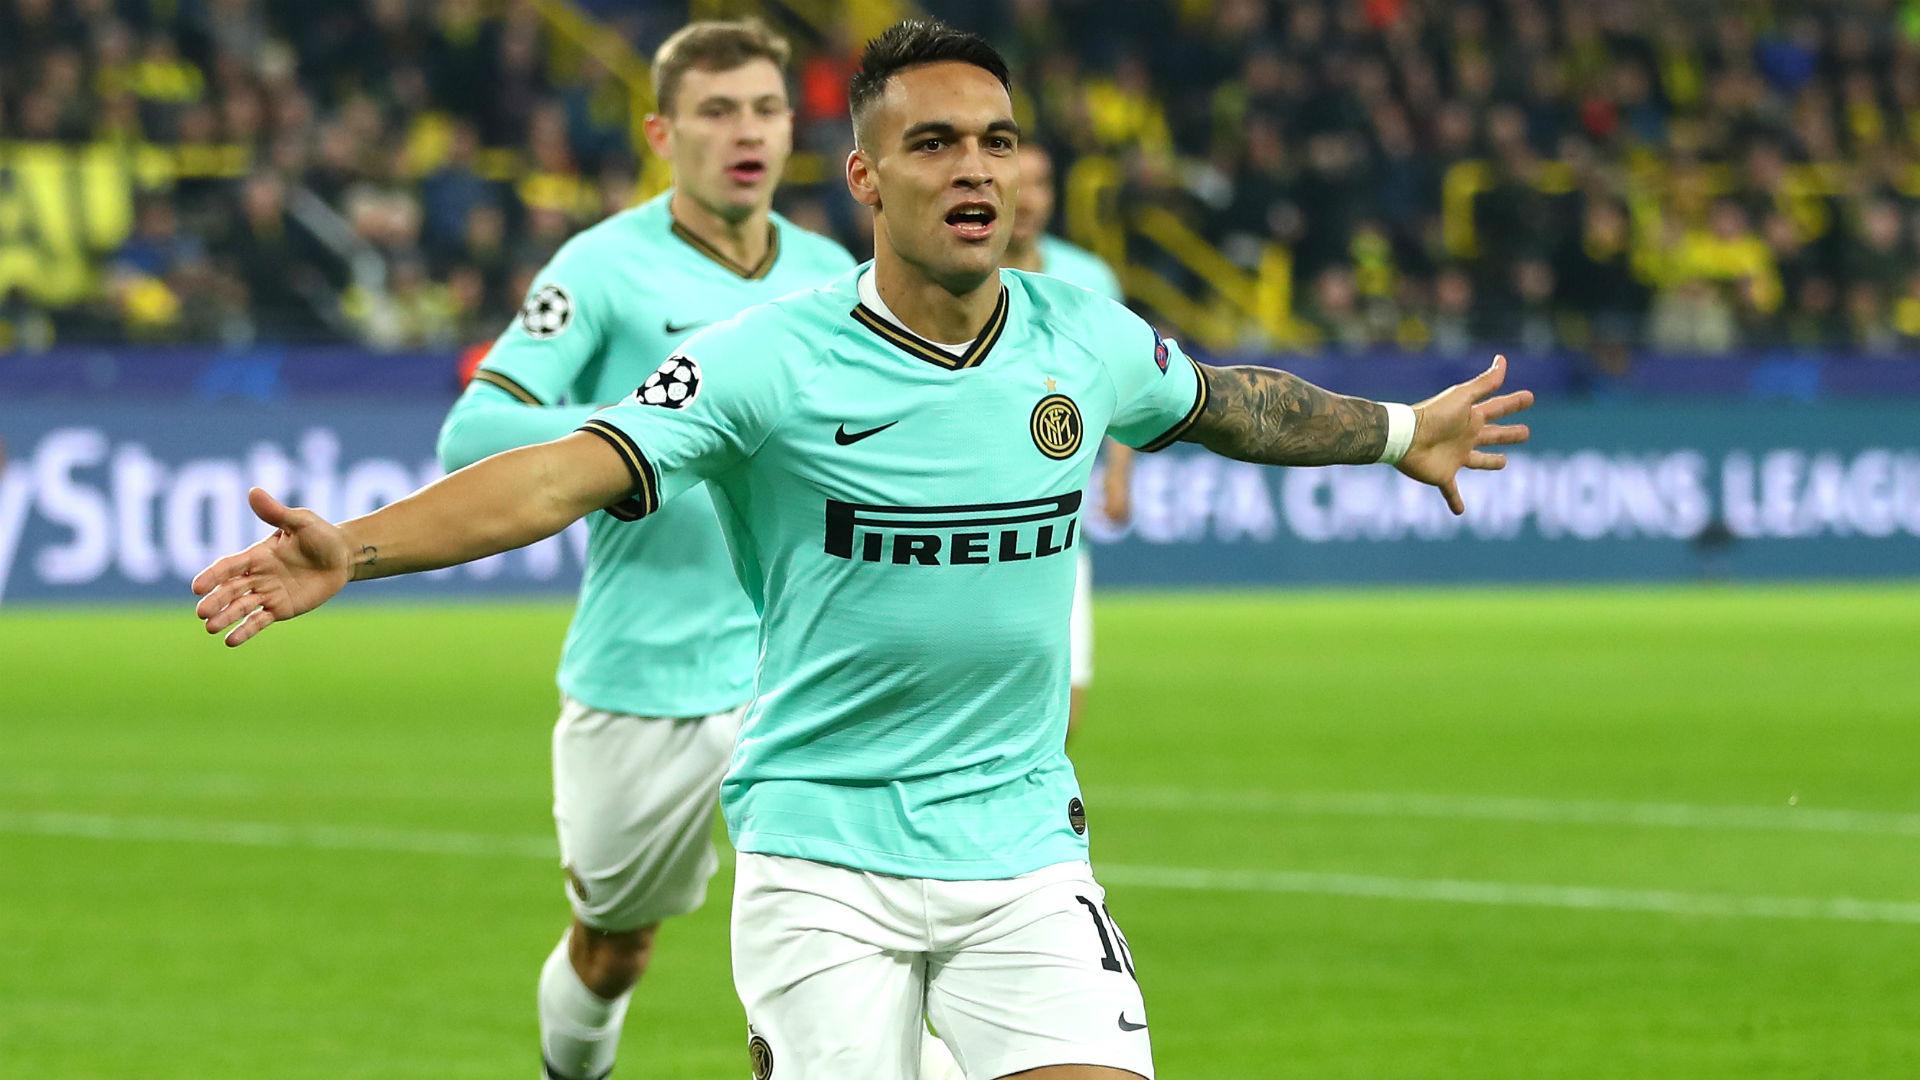 Inter-Verona 2-1: vittoria in rimonta con Vecino e Barella